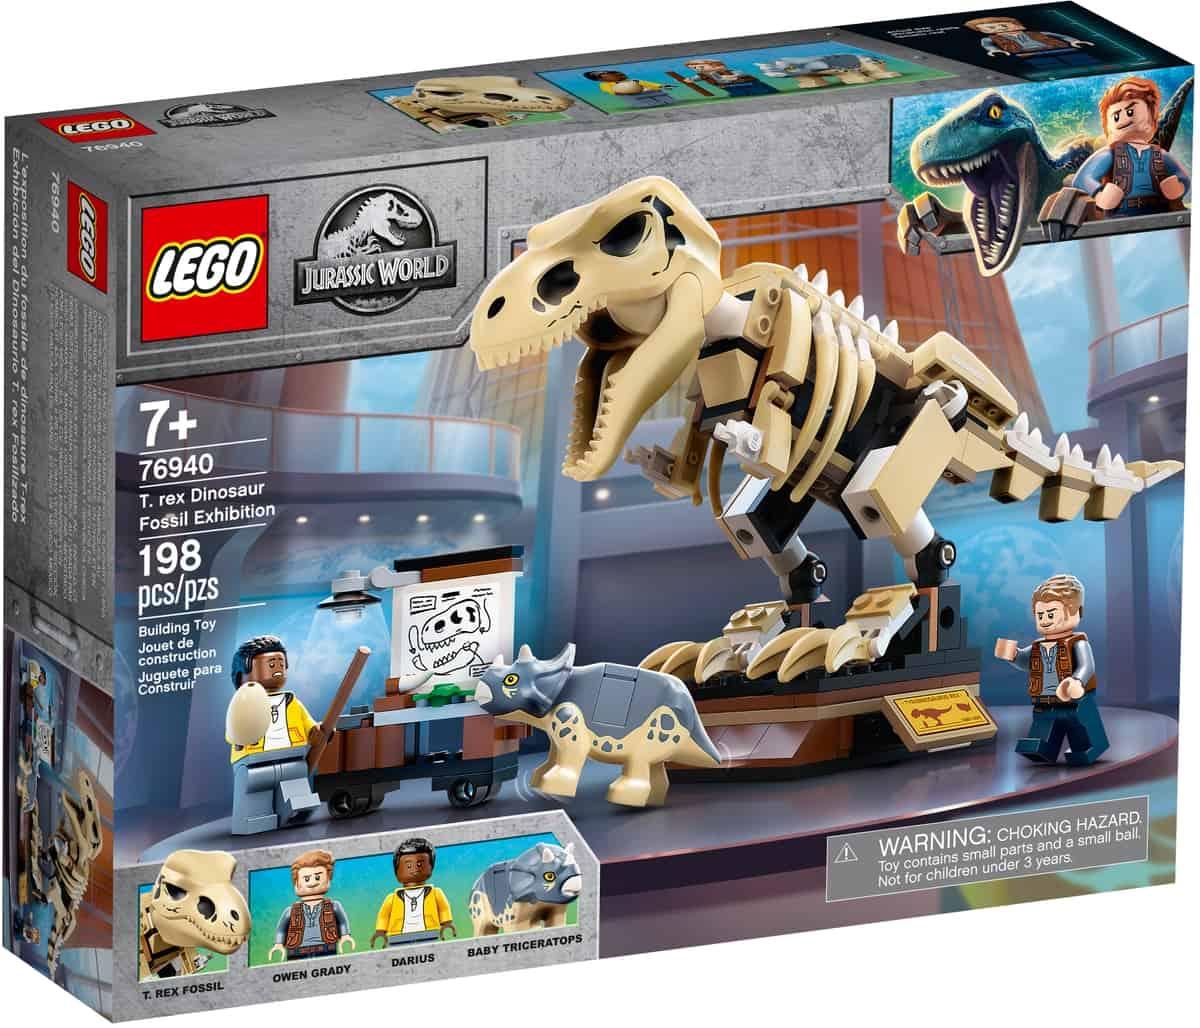 lego 76940 exposicao de fossil do dinossauro t